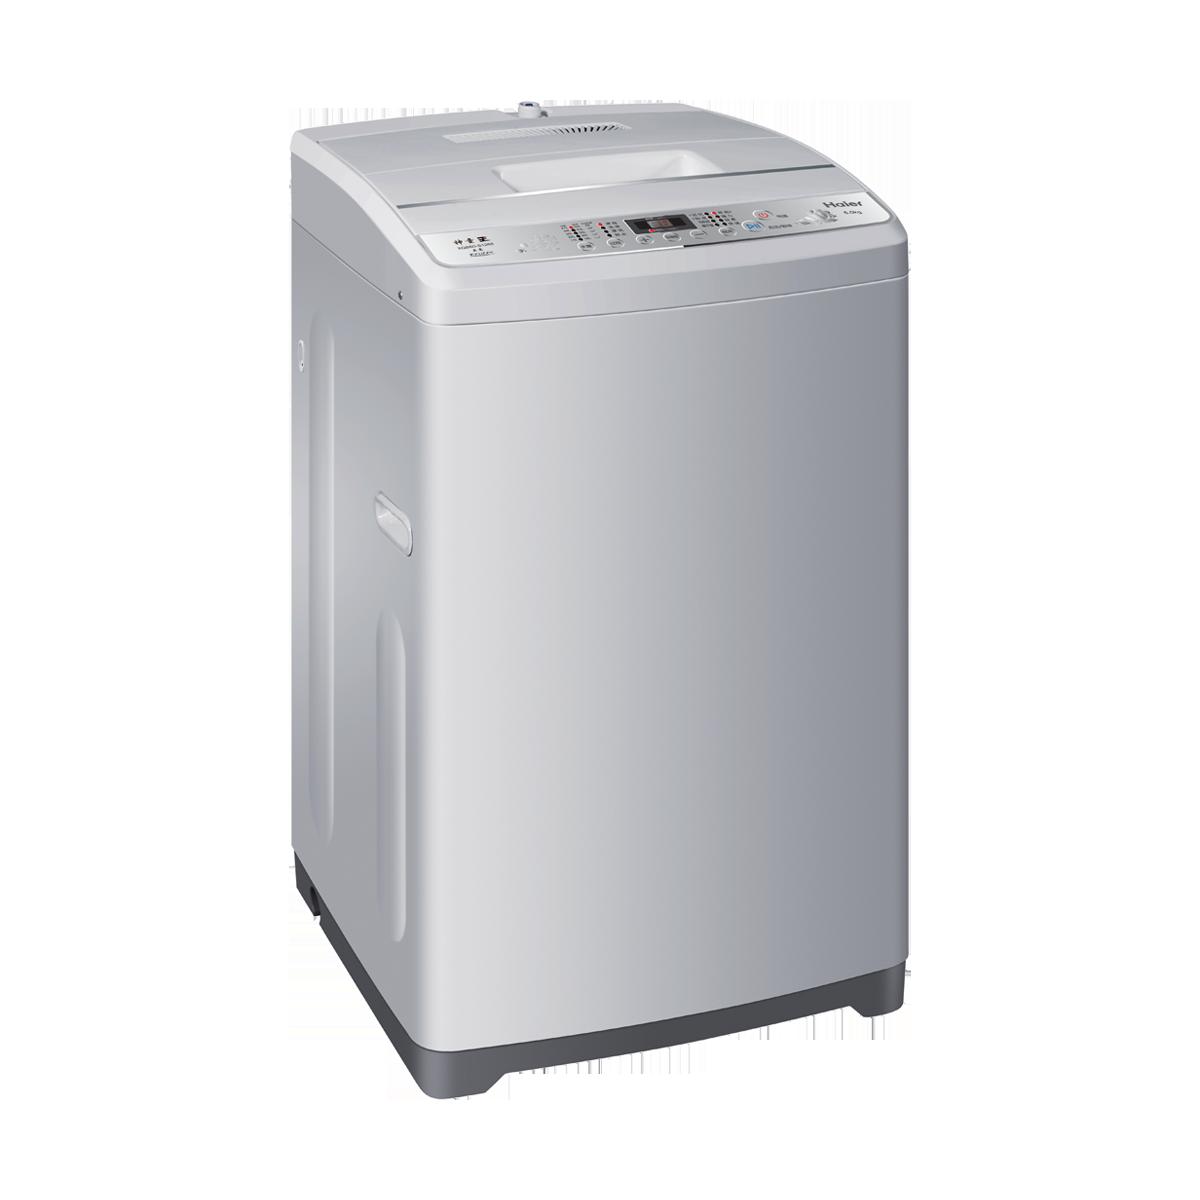 海尔波轮洗衣机 xqb60-s1268关爱